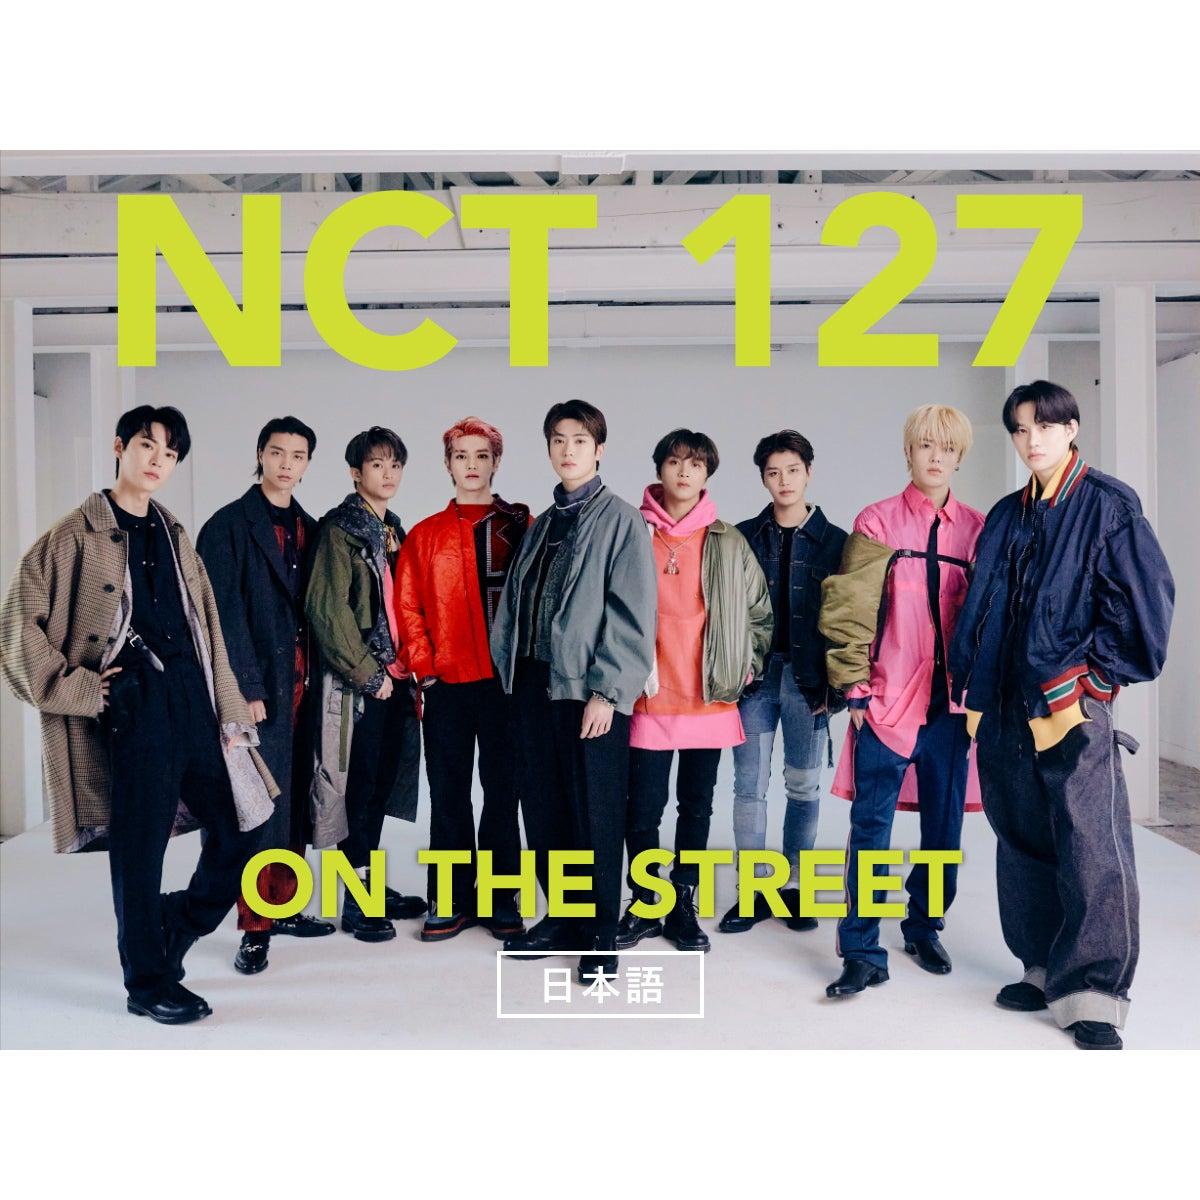 東京とソウル、それぞれのスタイルのNCT 127がファッションで世界を魅了!